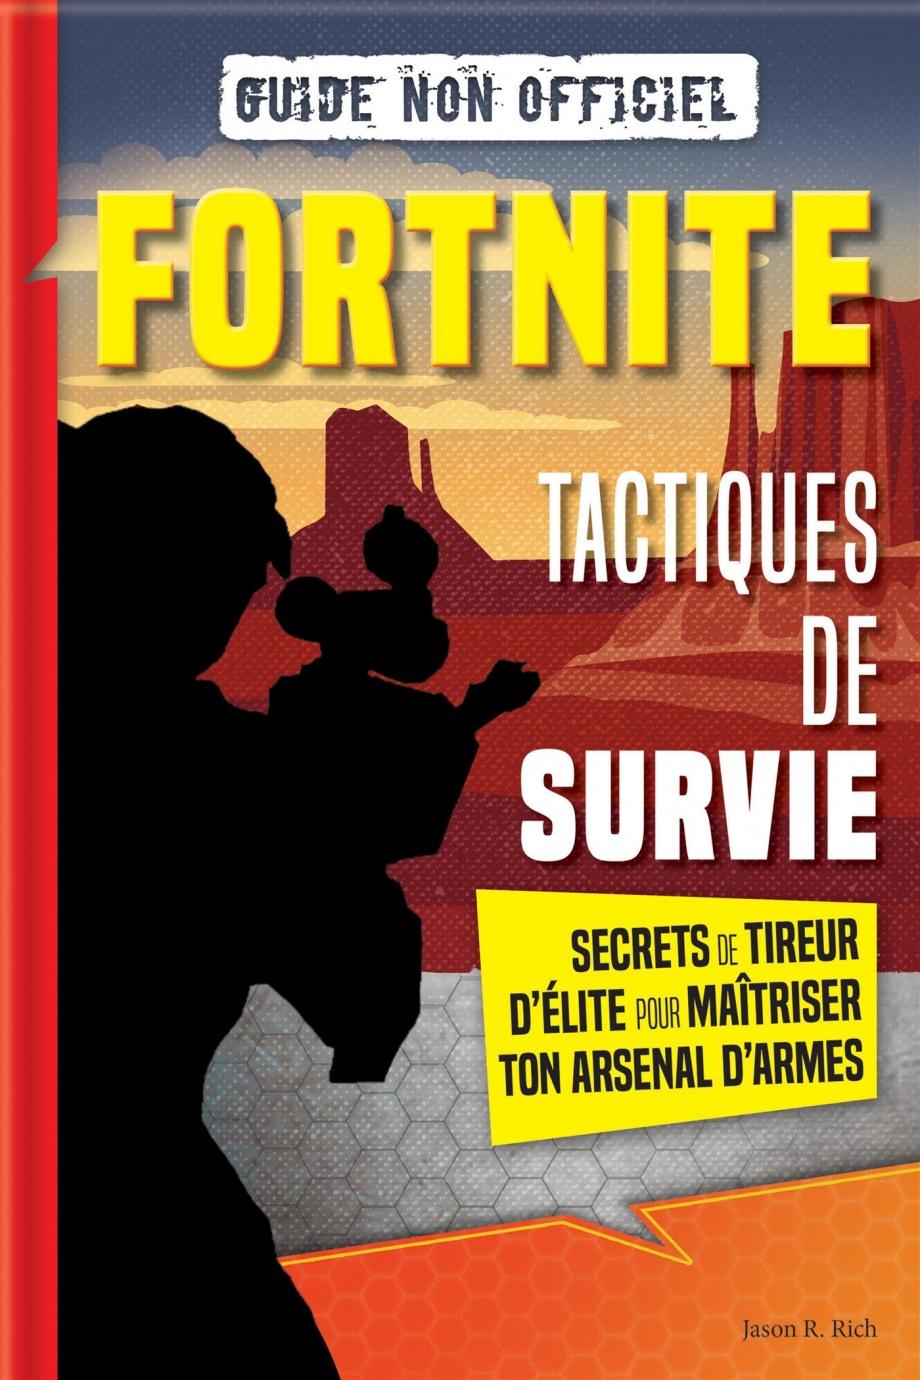 Fortnite Tactiques De Survie